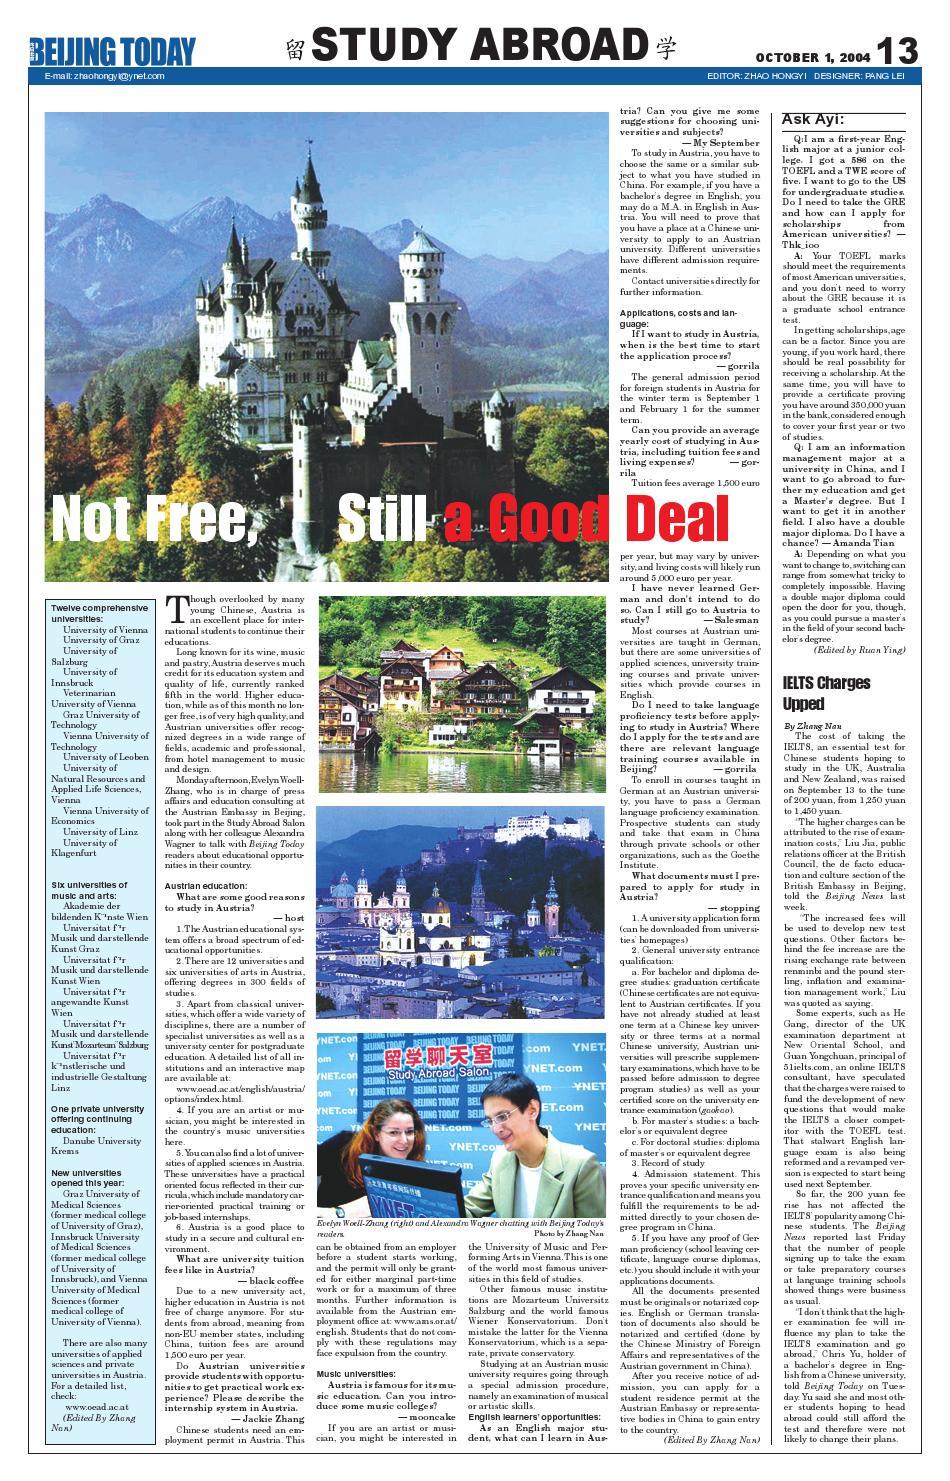 Beijing Today October 1 2004 By Beijing Today 今日北京 英文周报 Issuu